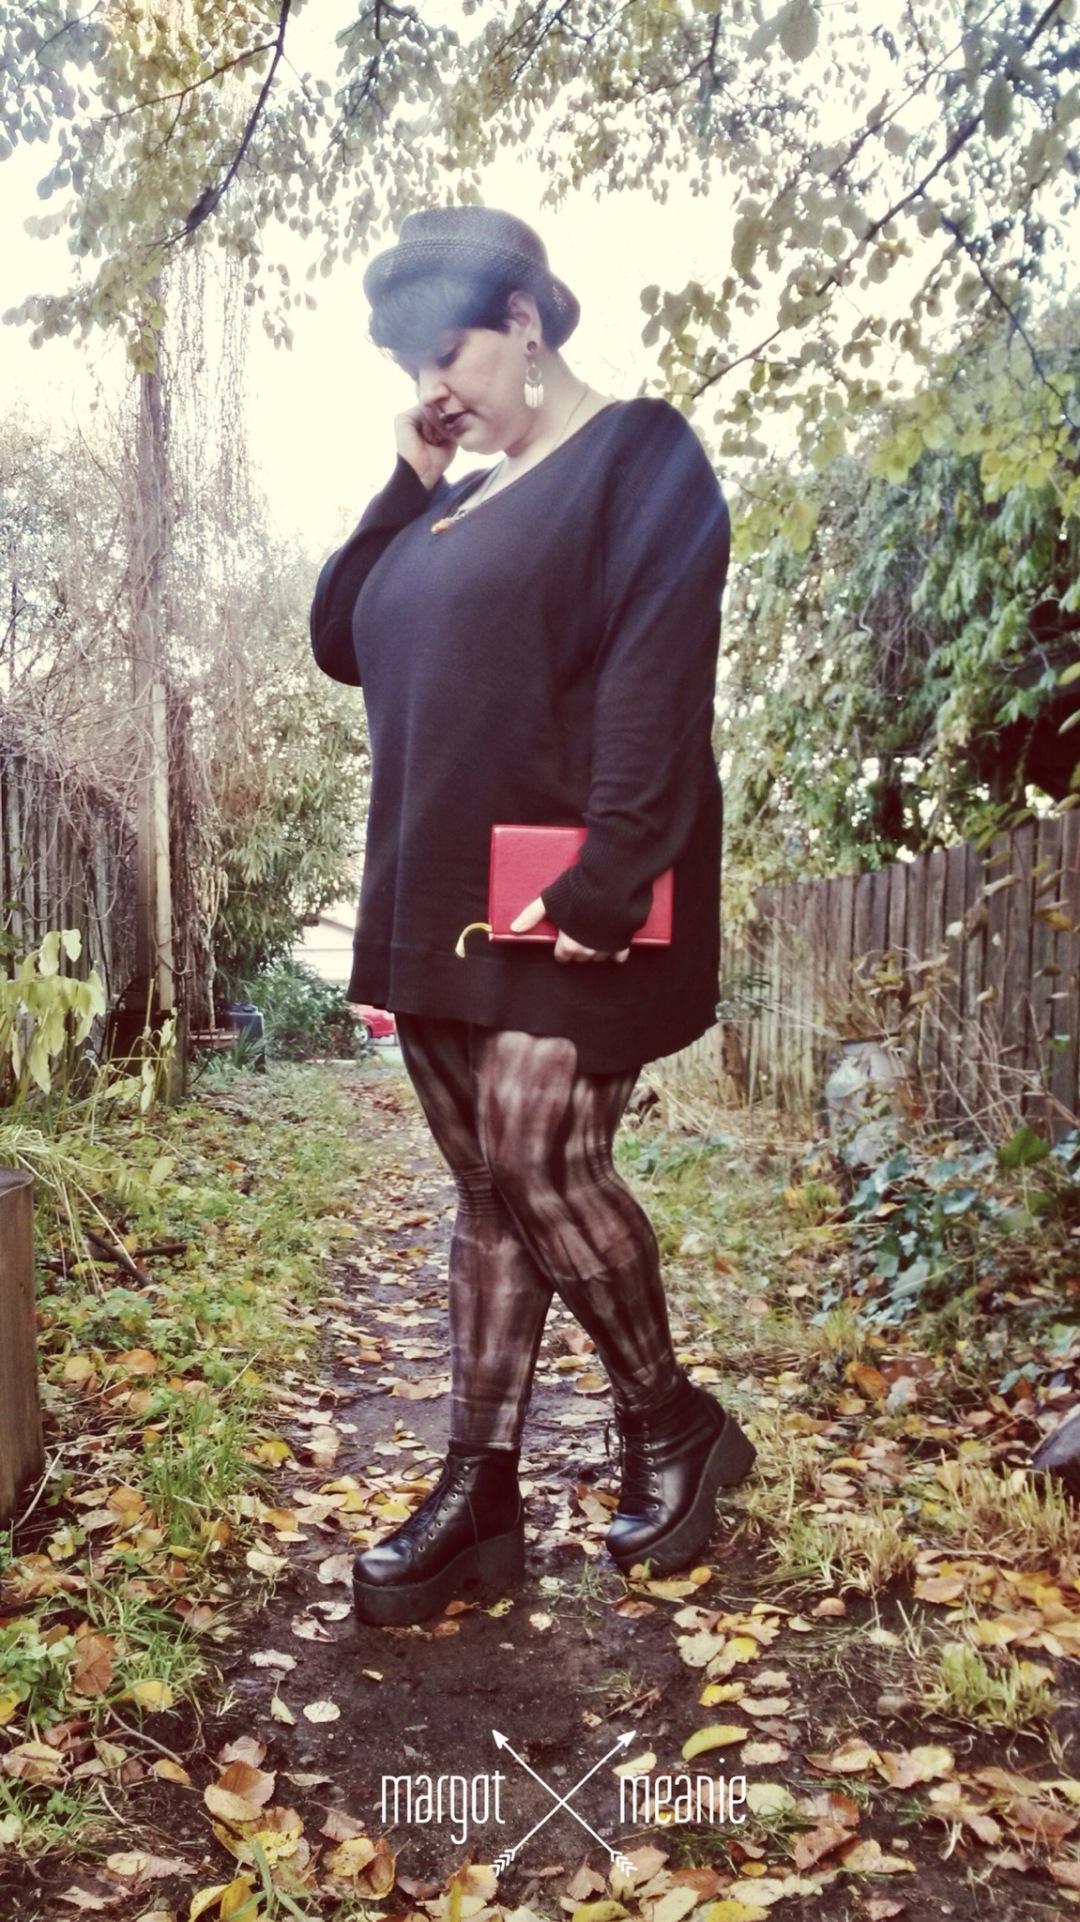 alternative plus size fashion blogger Margot Meanie is wearing the Addition Elle boyfriend sweater